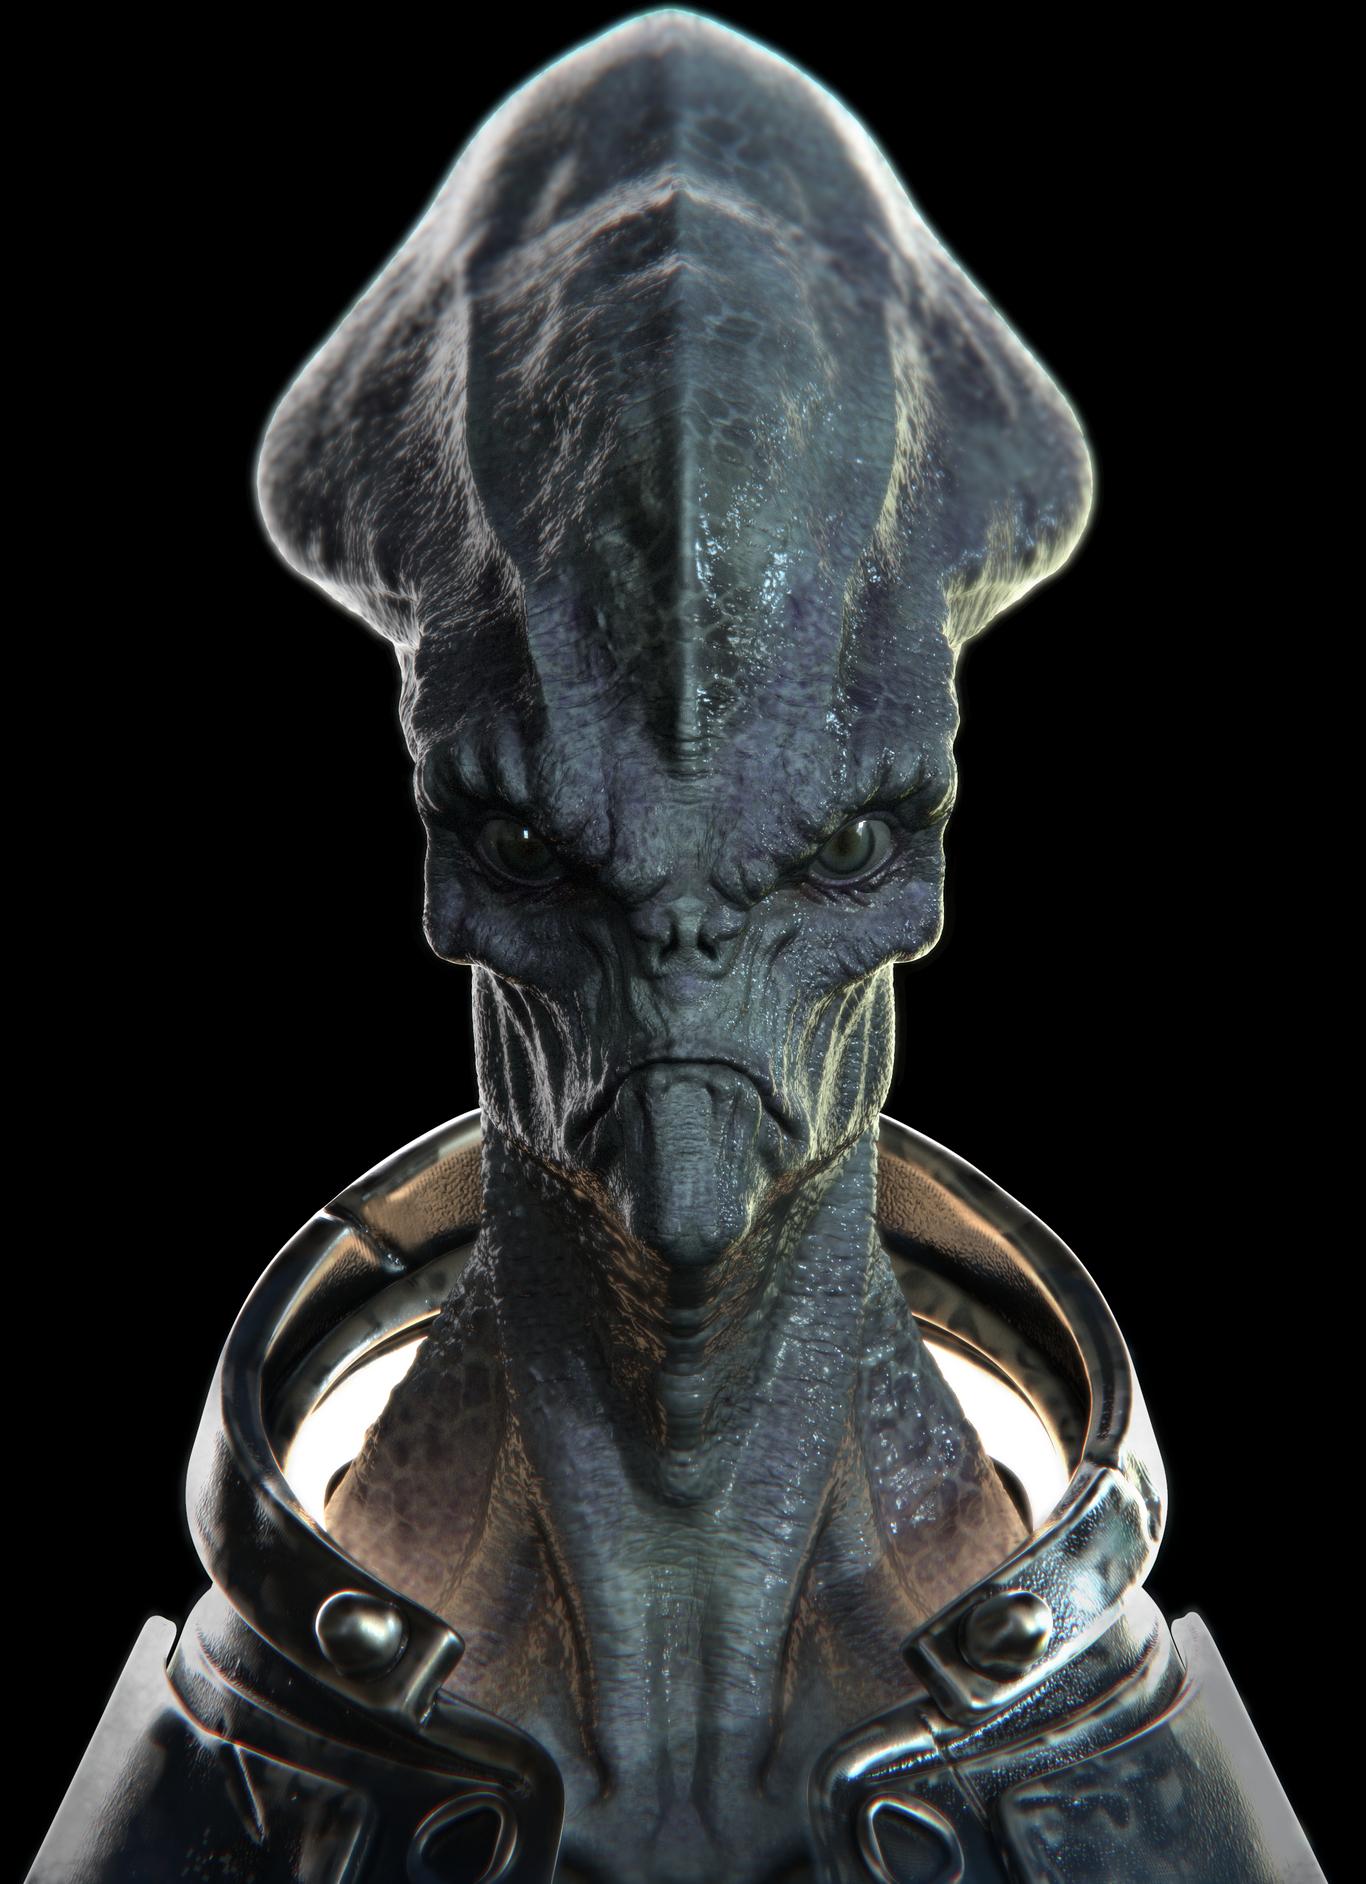 Fabiodamico alien 1 e88d6ad4 f2yx